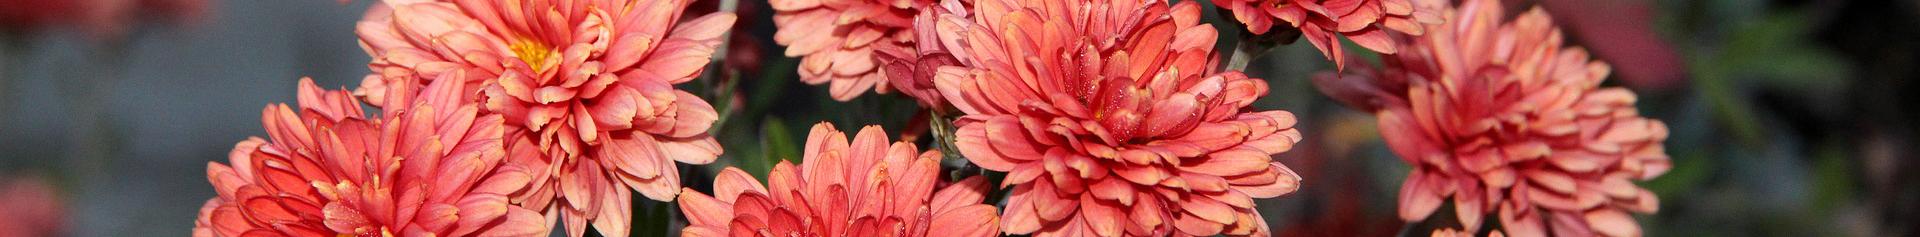 Chrysanthemum banner